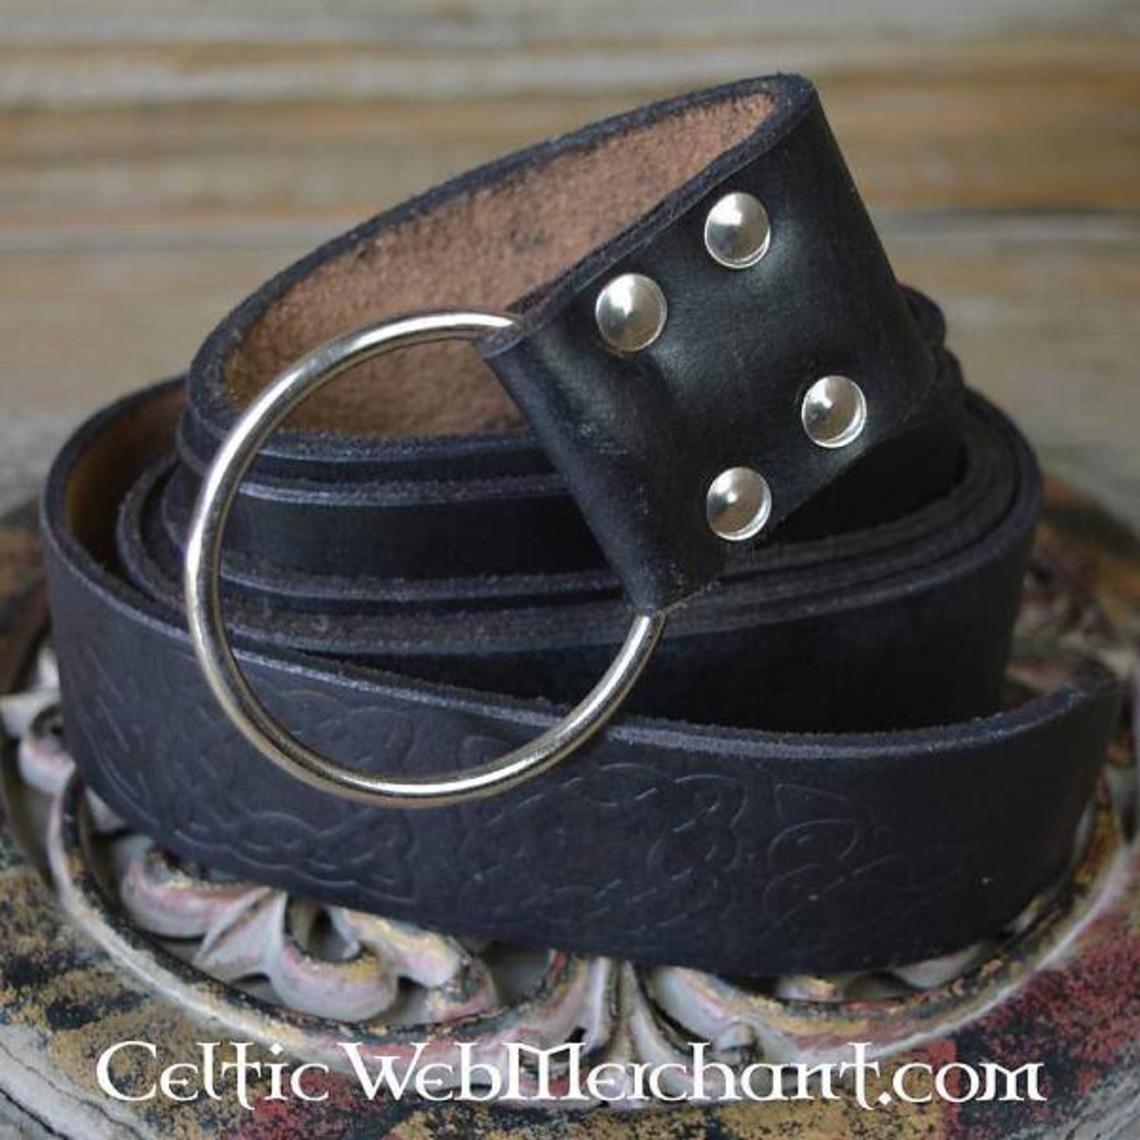 Leonardo Carbone Riem met ringsluiting, Keltische knopen, zwart